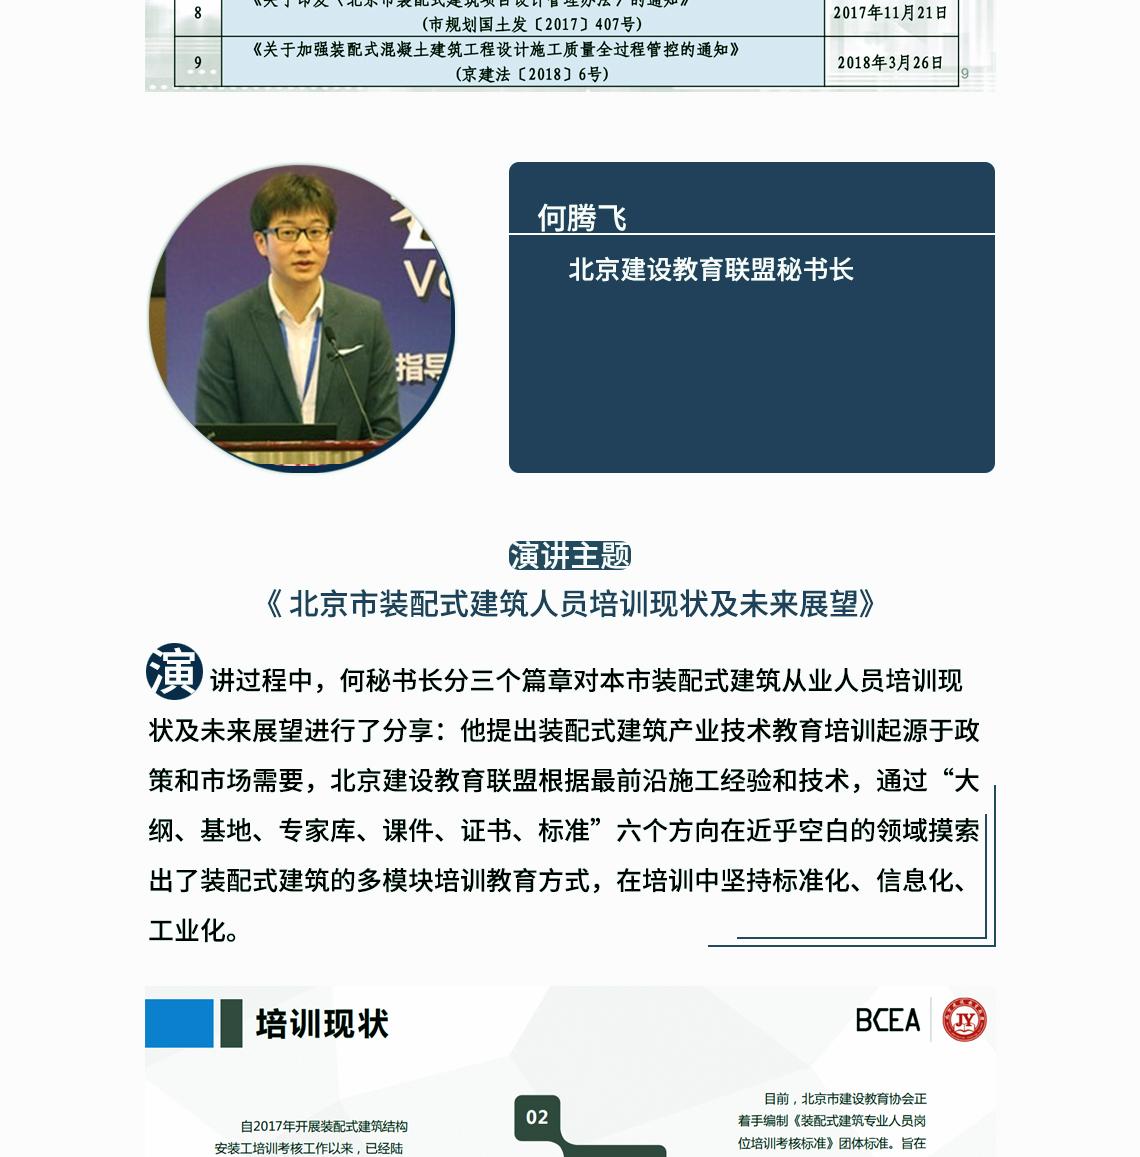 """演讲过程中,何秘书长分三个篇章对本市装配式建筑从业人员培训现状及未来展望进行了分享:他提出装配式建筑产业技术教育培训起源于政策和市场需要,北京建设教育联盟根据最前沿施工经验和技术,通过""""大纲、基地、专家库、课件、证书、标准""""六个方向在近乎空白的领域摸索出了装配式建筑的多模块培训教育方式,在培训中坚持标准化、信息化、工业化。   发展装配式建筑,装配式建筑职业技能培训,配式建筑政策解读"""